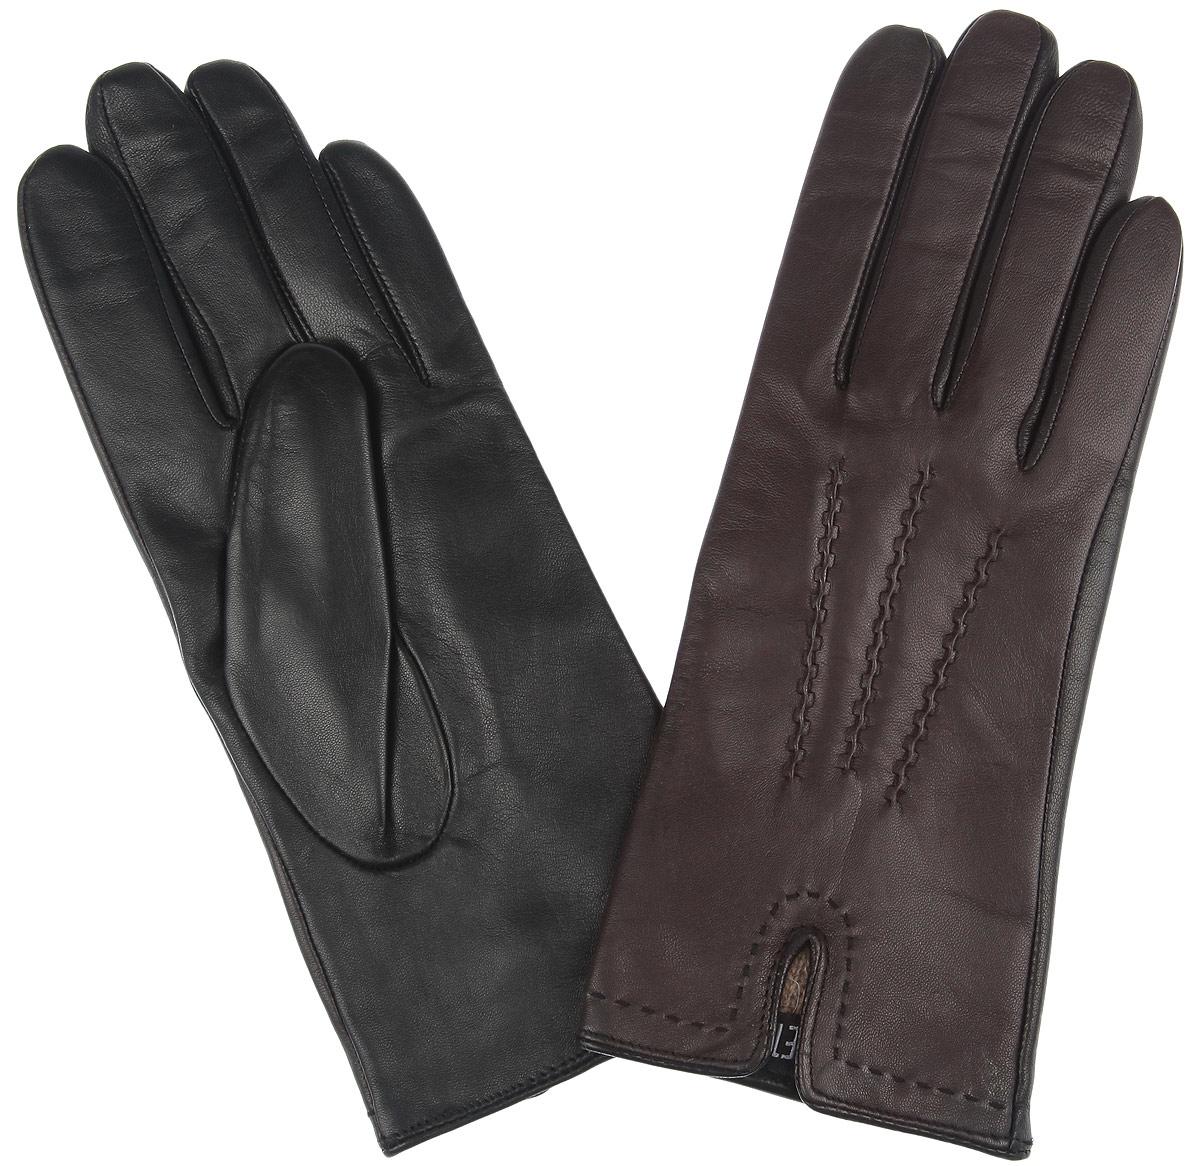 Перчатки женские. 12.2212.22-1 blackДвухцветные женские перчатки Fabretti из выполнены эфиопской перчаточной кожи ягненка, а их подкладка - из шерсти с добавлением кашемира. Лицевая сторона оформлена декоративными швами три луча и дополнена небольшим разрезом. Отличный вариант на каждый день, который станет прекрасным дополнением к вашему образу.